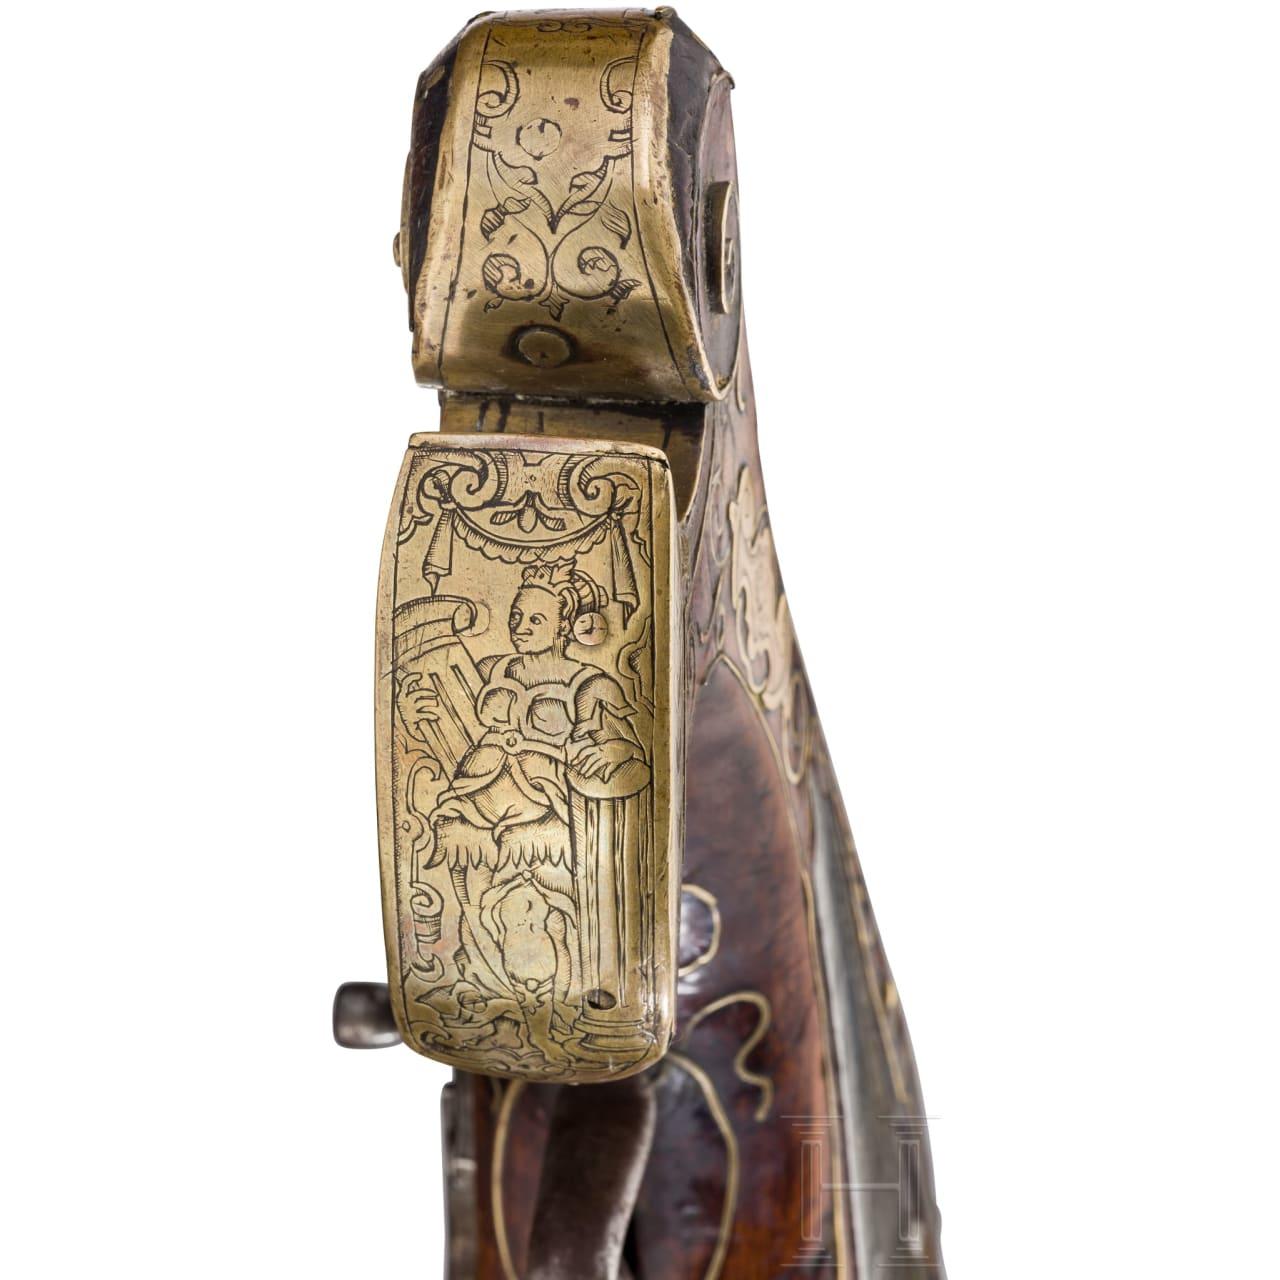 Seltene Mörser-Radschlosspistole mit Bronzelauf, Nürnberg, um 1590